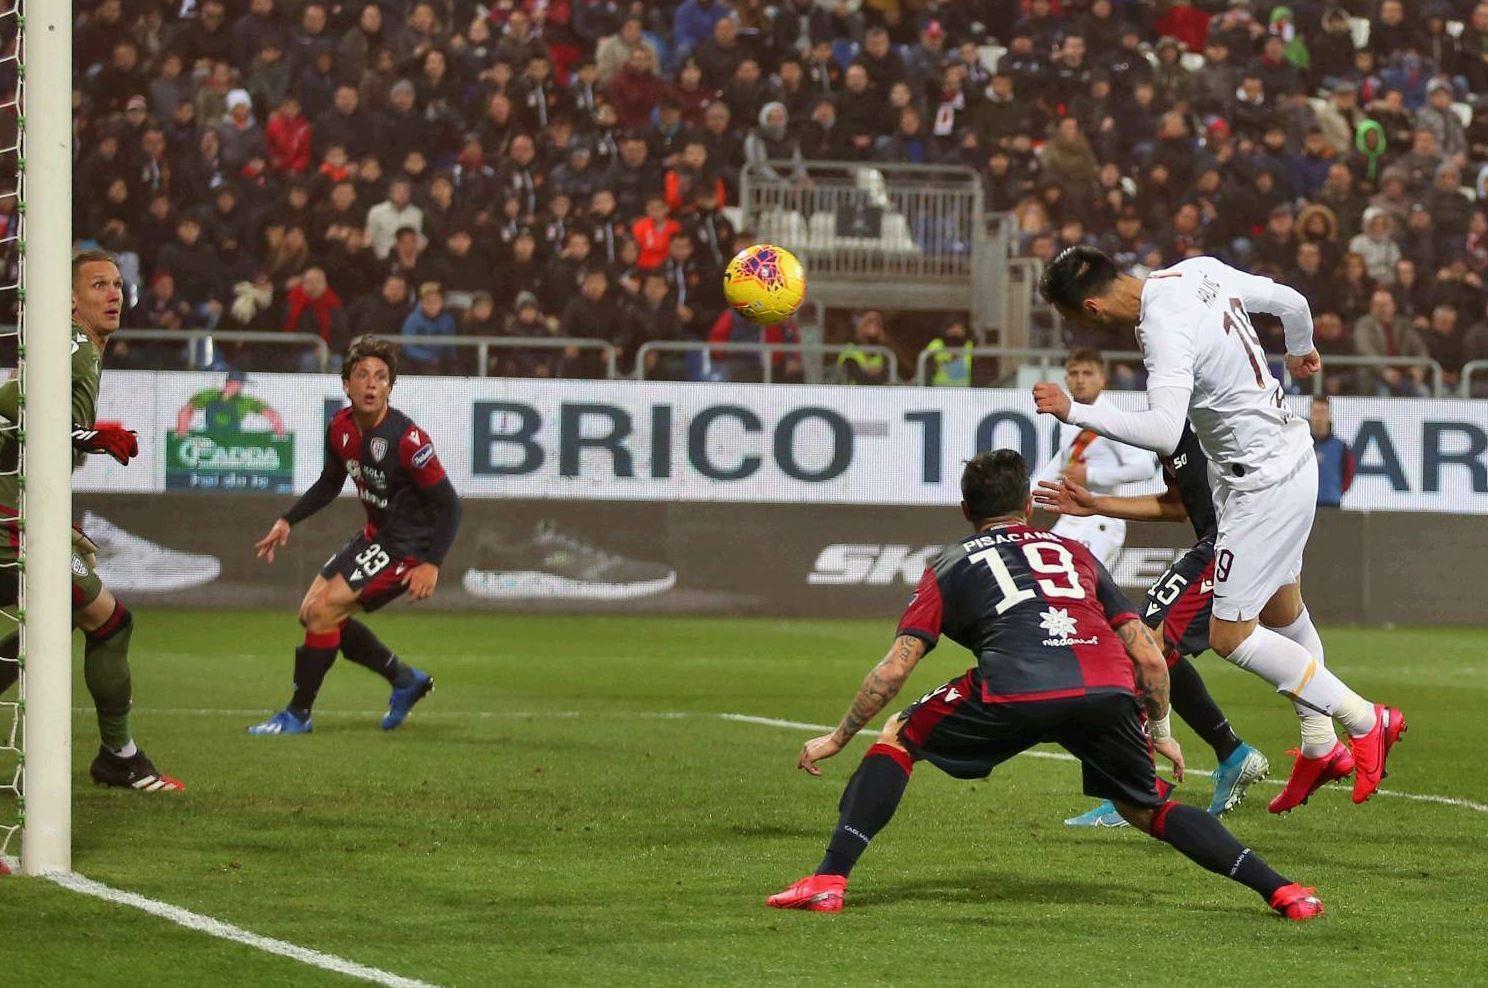 卡利尼奇打破14个月进球荒,两年半以来首次单场进两球